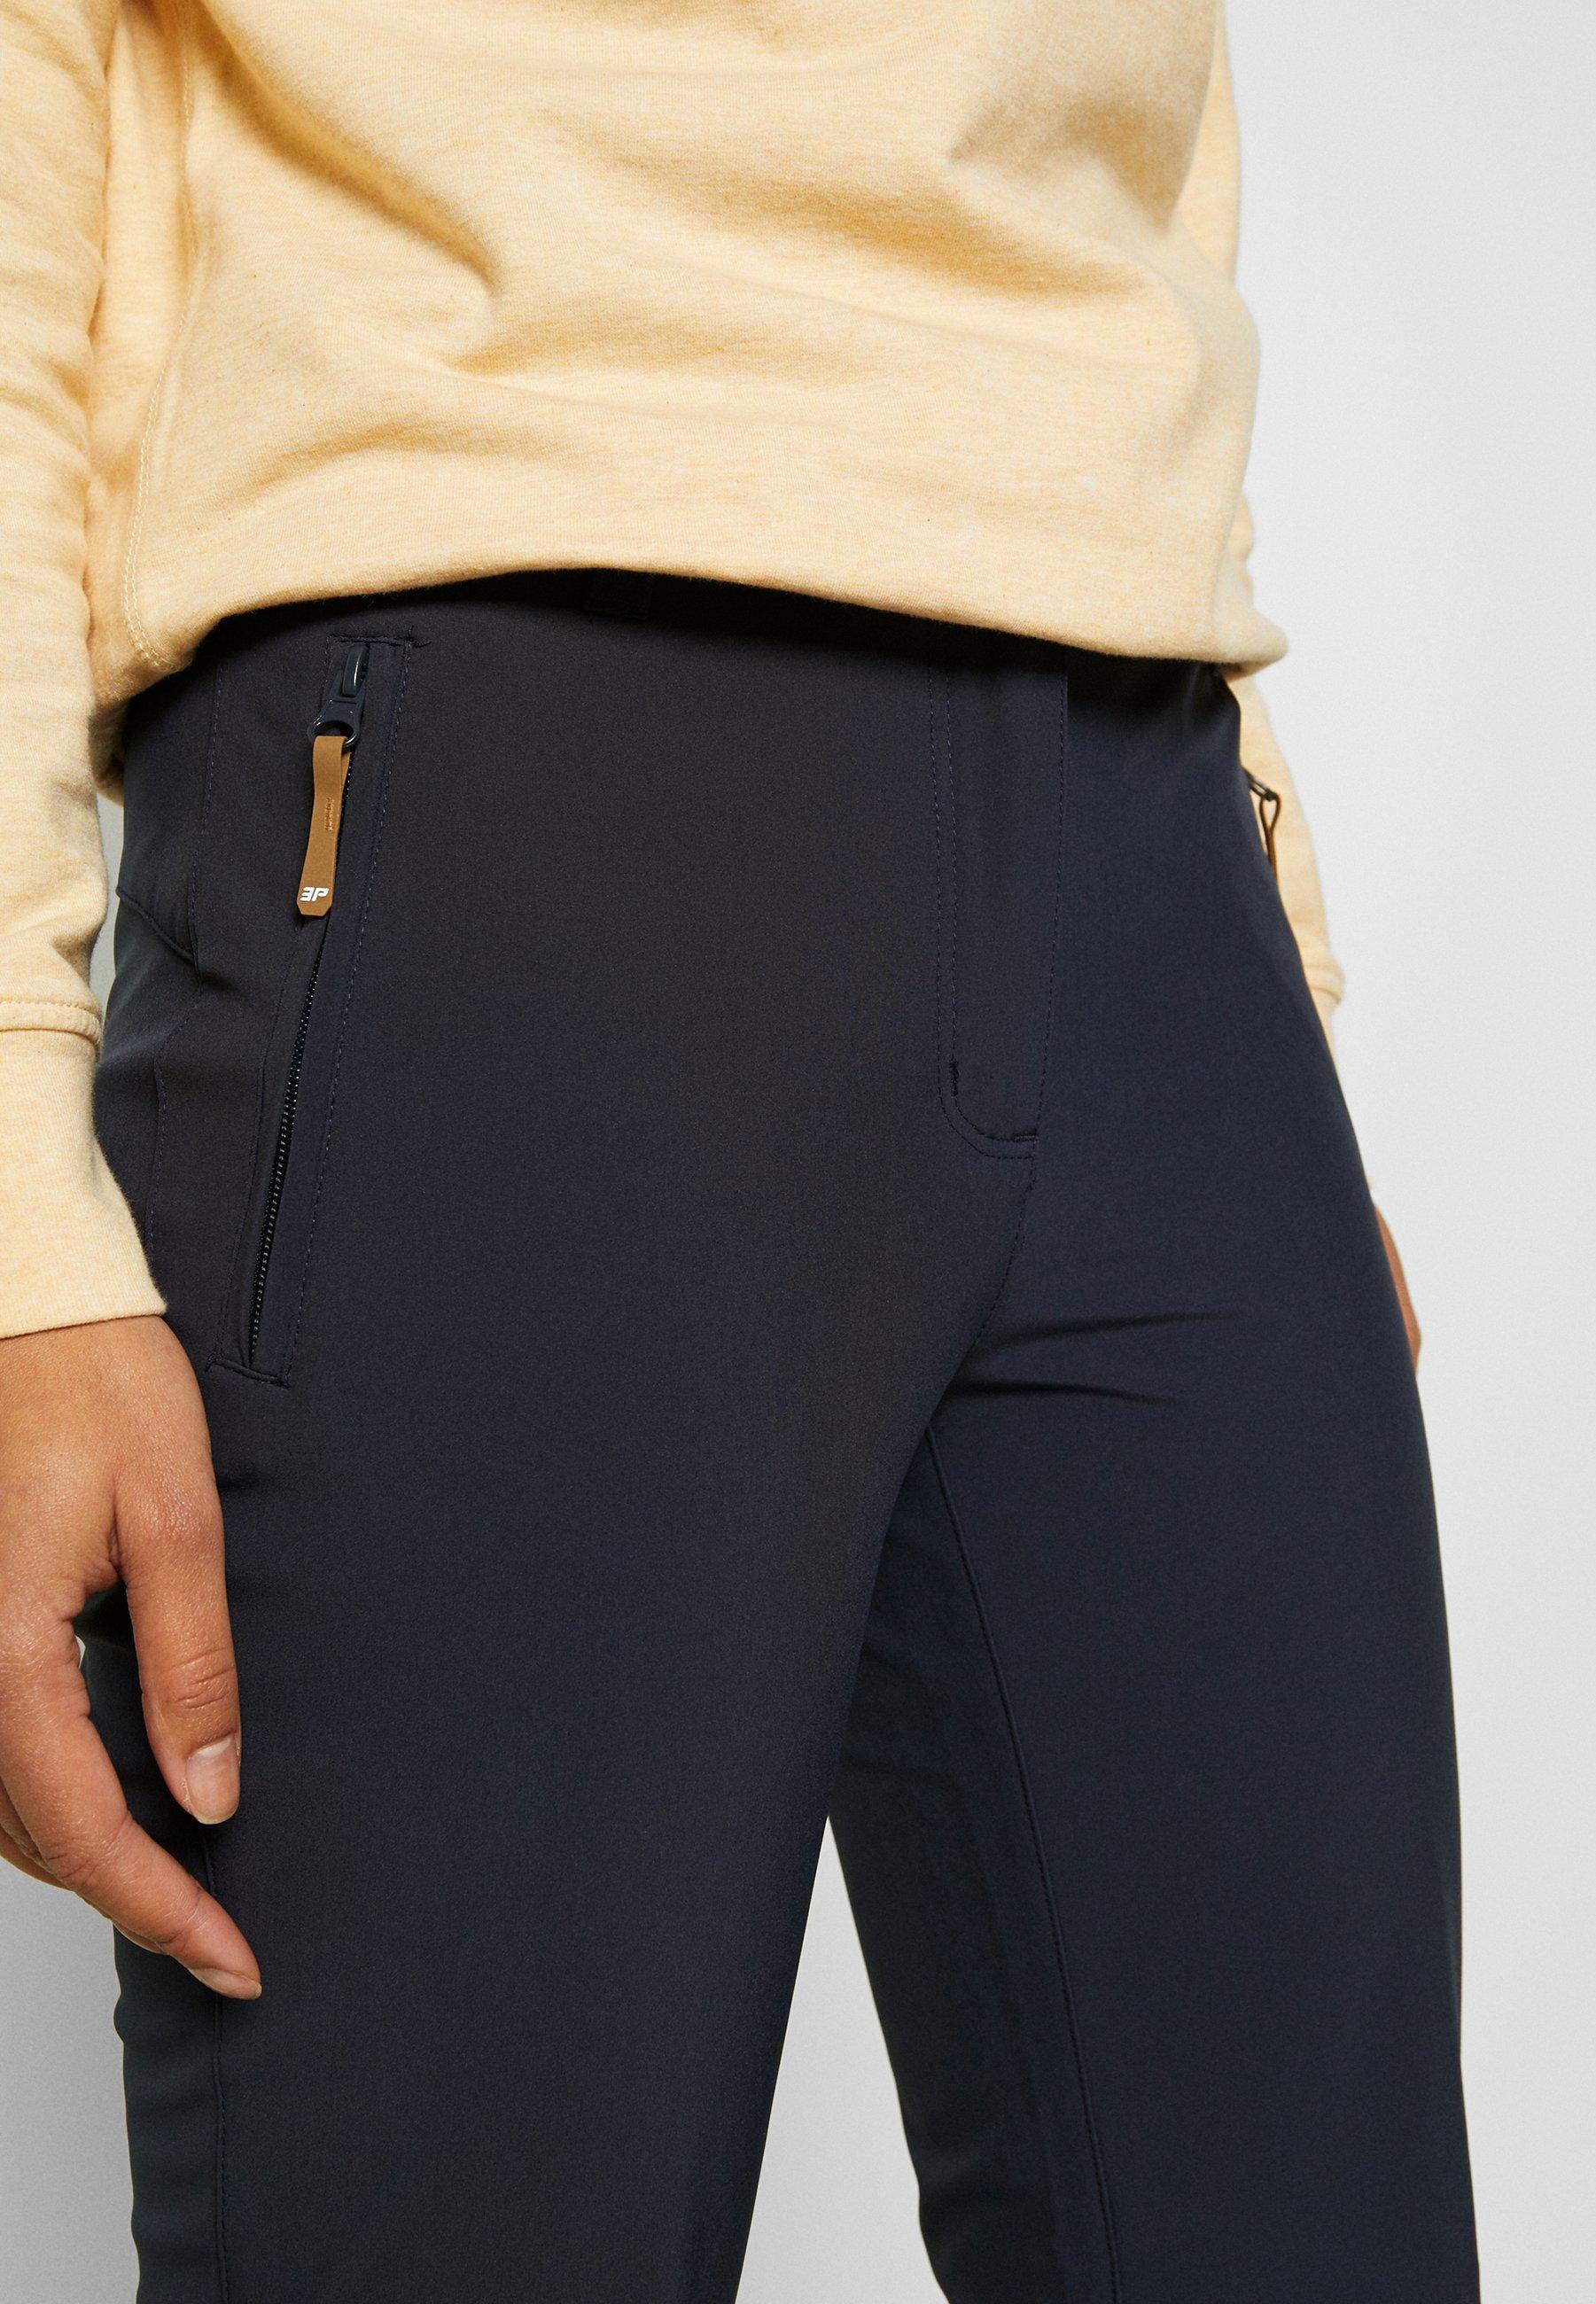 Icepeak Tavita - Pantaloni Outdoor Dark Blue k8ea9JL